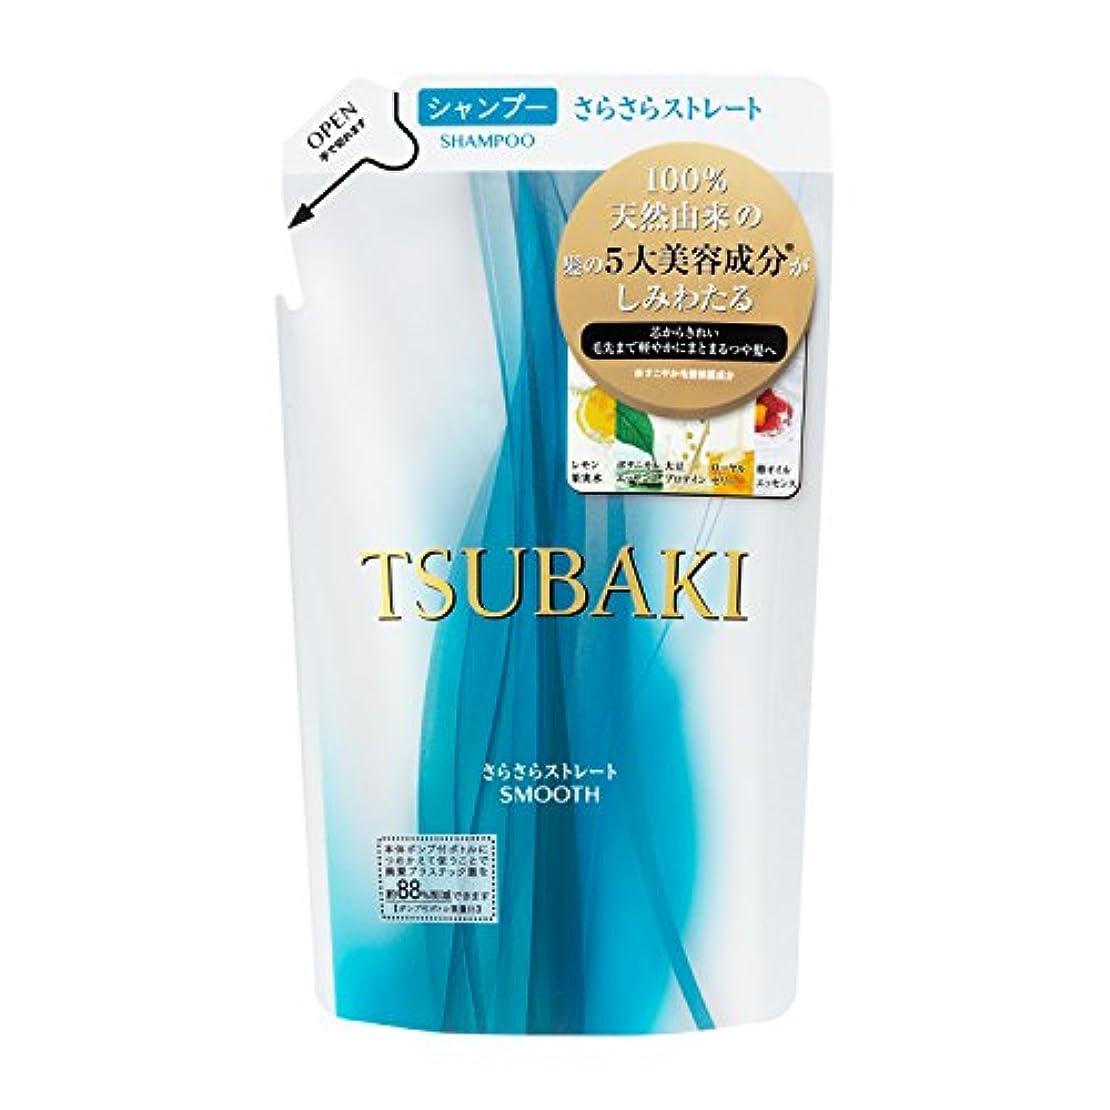 容赦ない同意する投票資生堂 ツバキ (TSUBAKI) さらさらストレート シャンプー つめかえ用 330mL